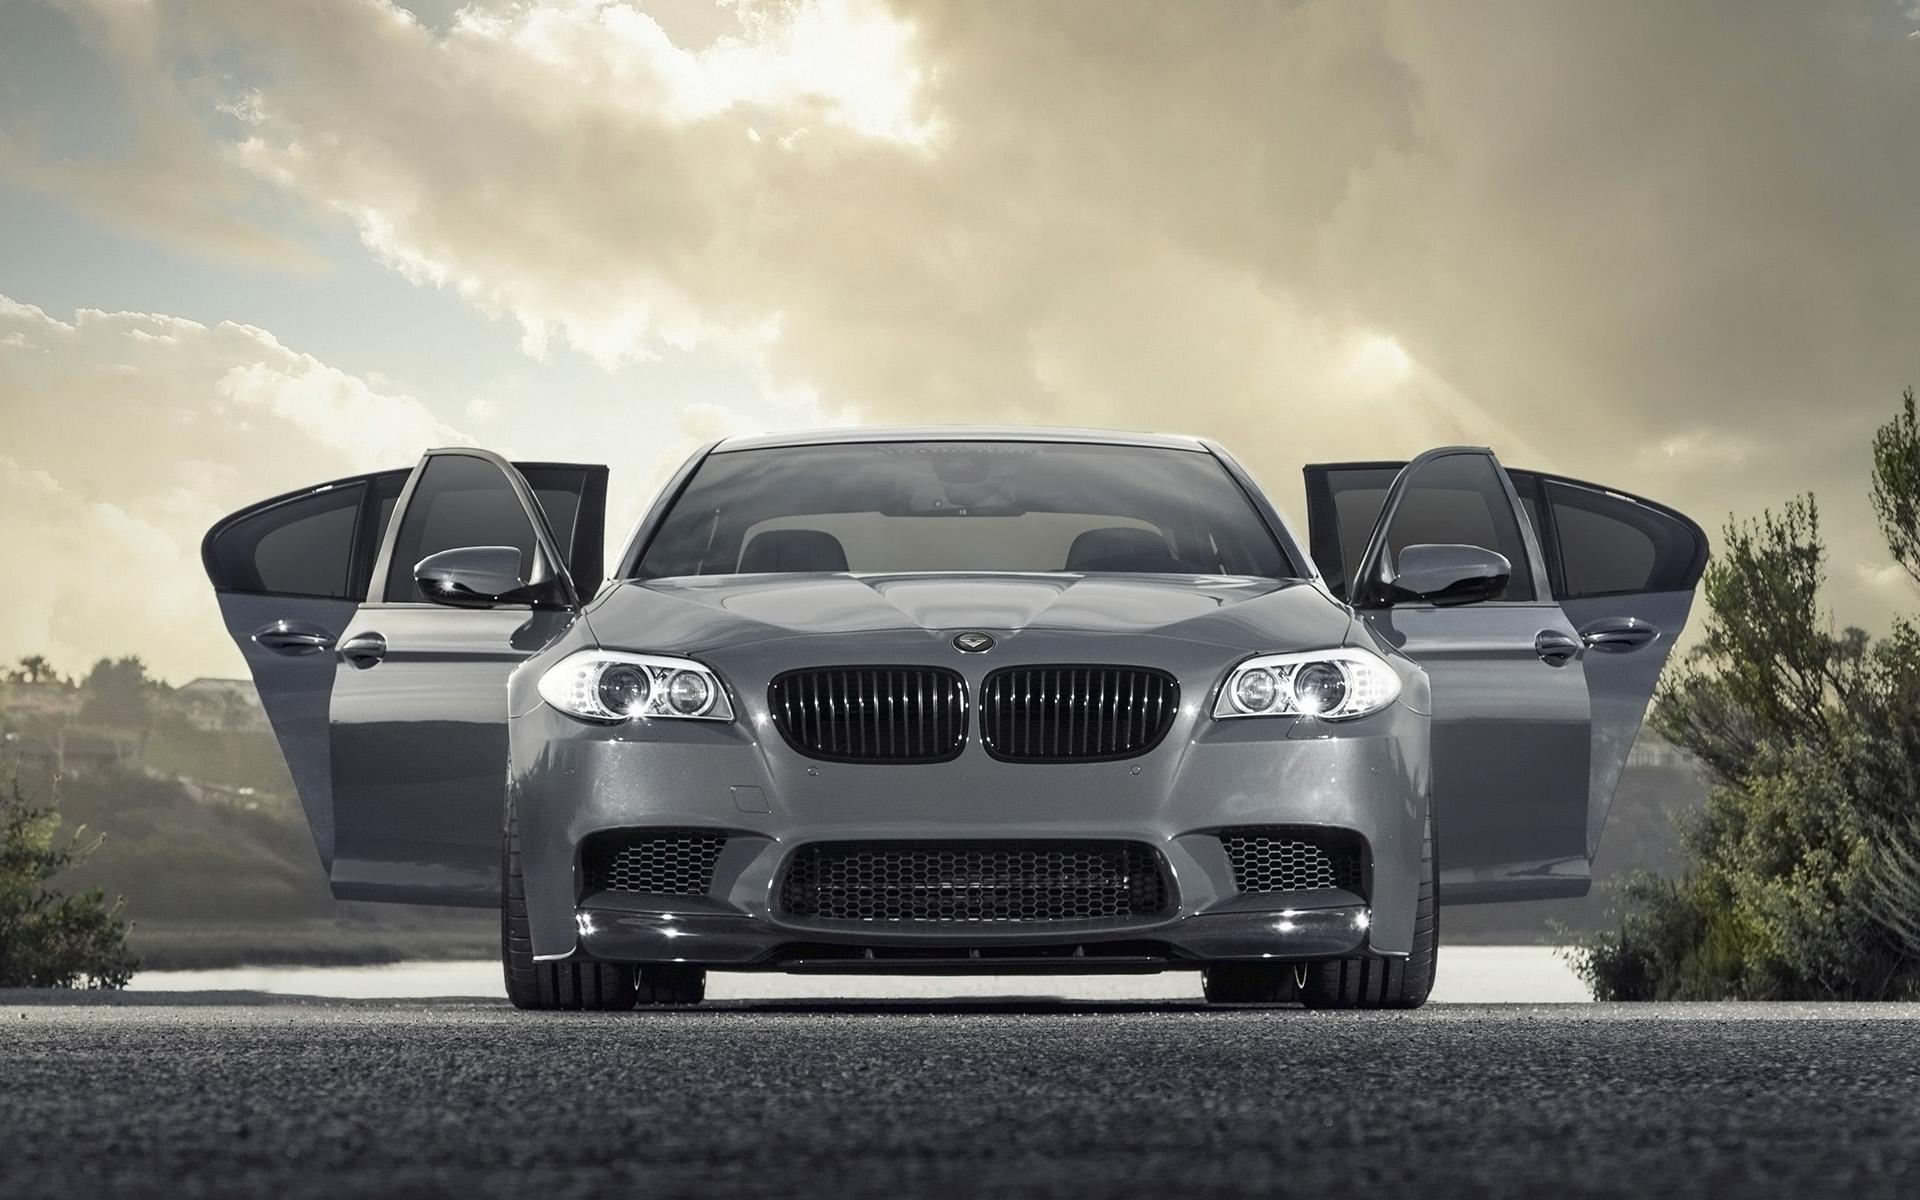 2013 Vorsteiner BMW M5 tuning m-5 hd wallpaper | 1920x1200 | 129089 ...